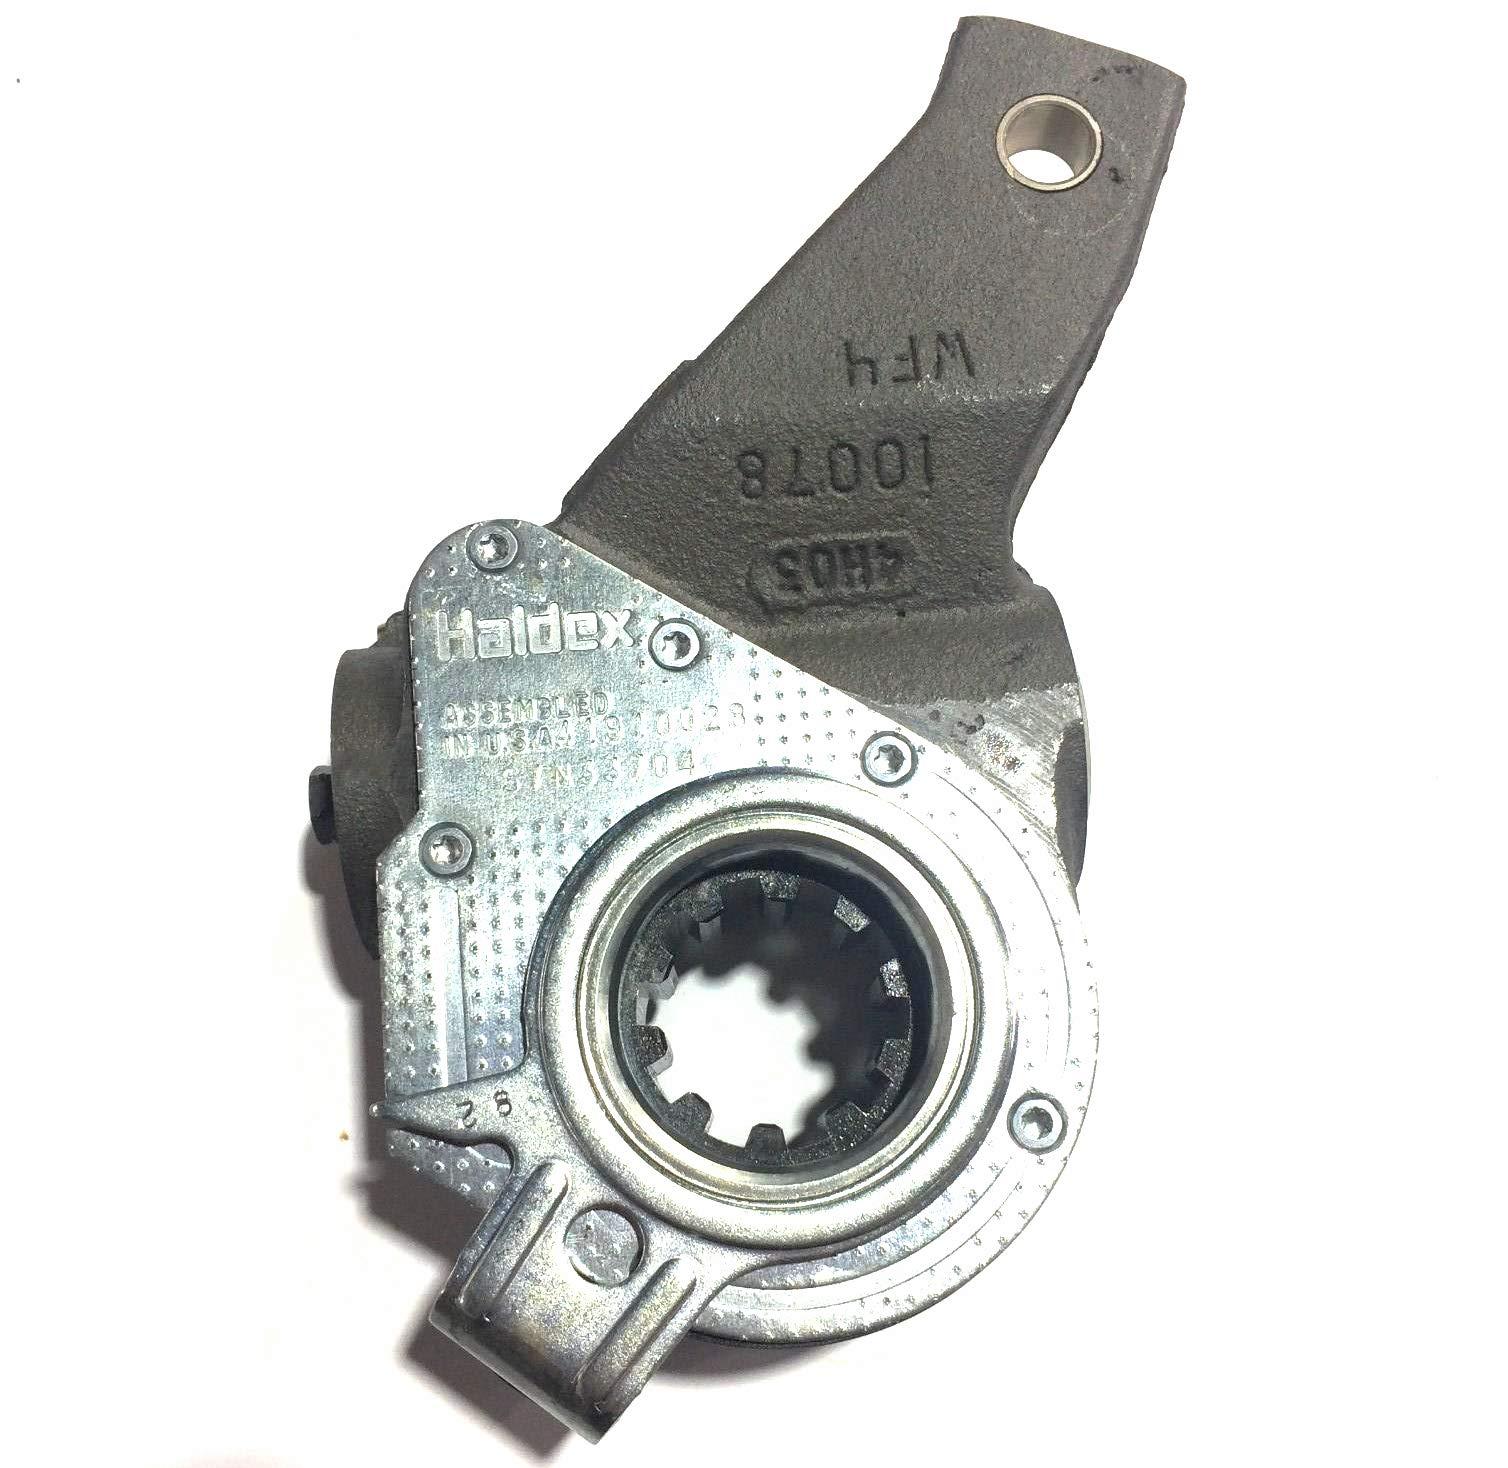 Haldex Slack Adjuster Front 6328286 by Haldex (Image #1)